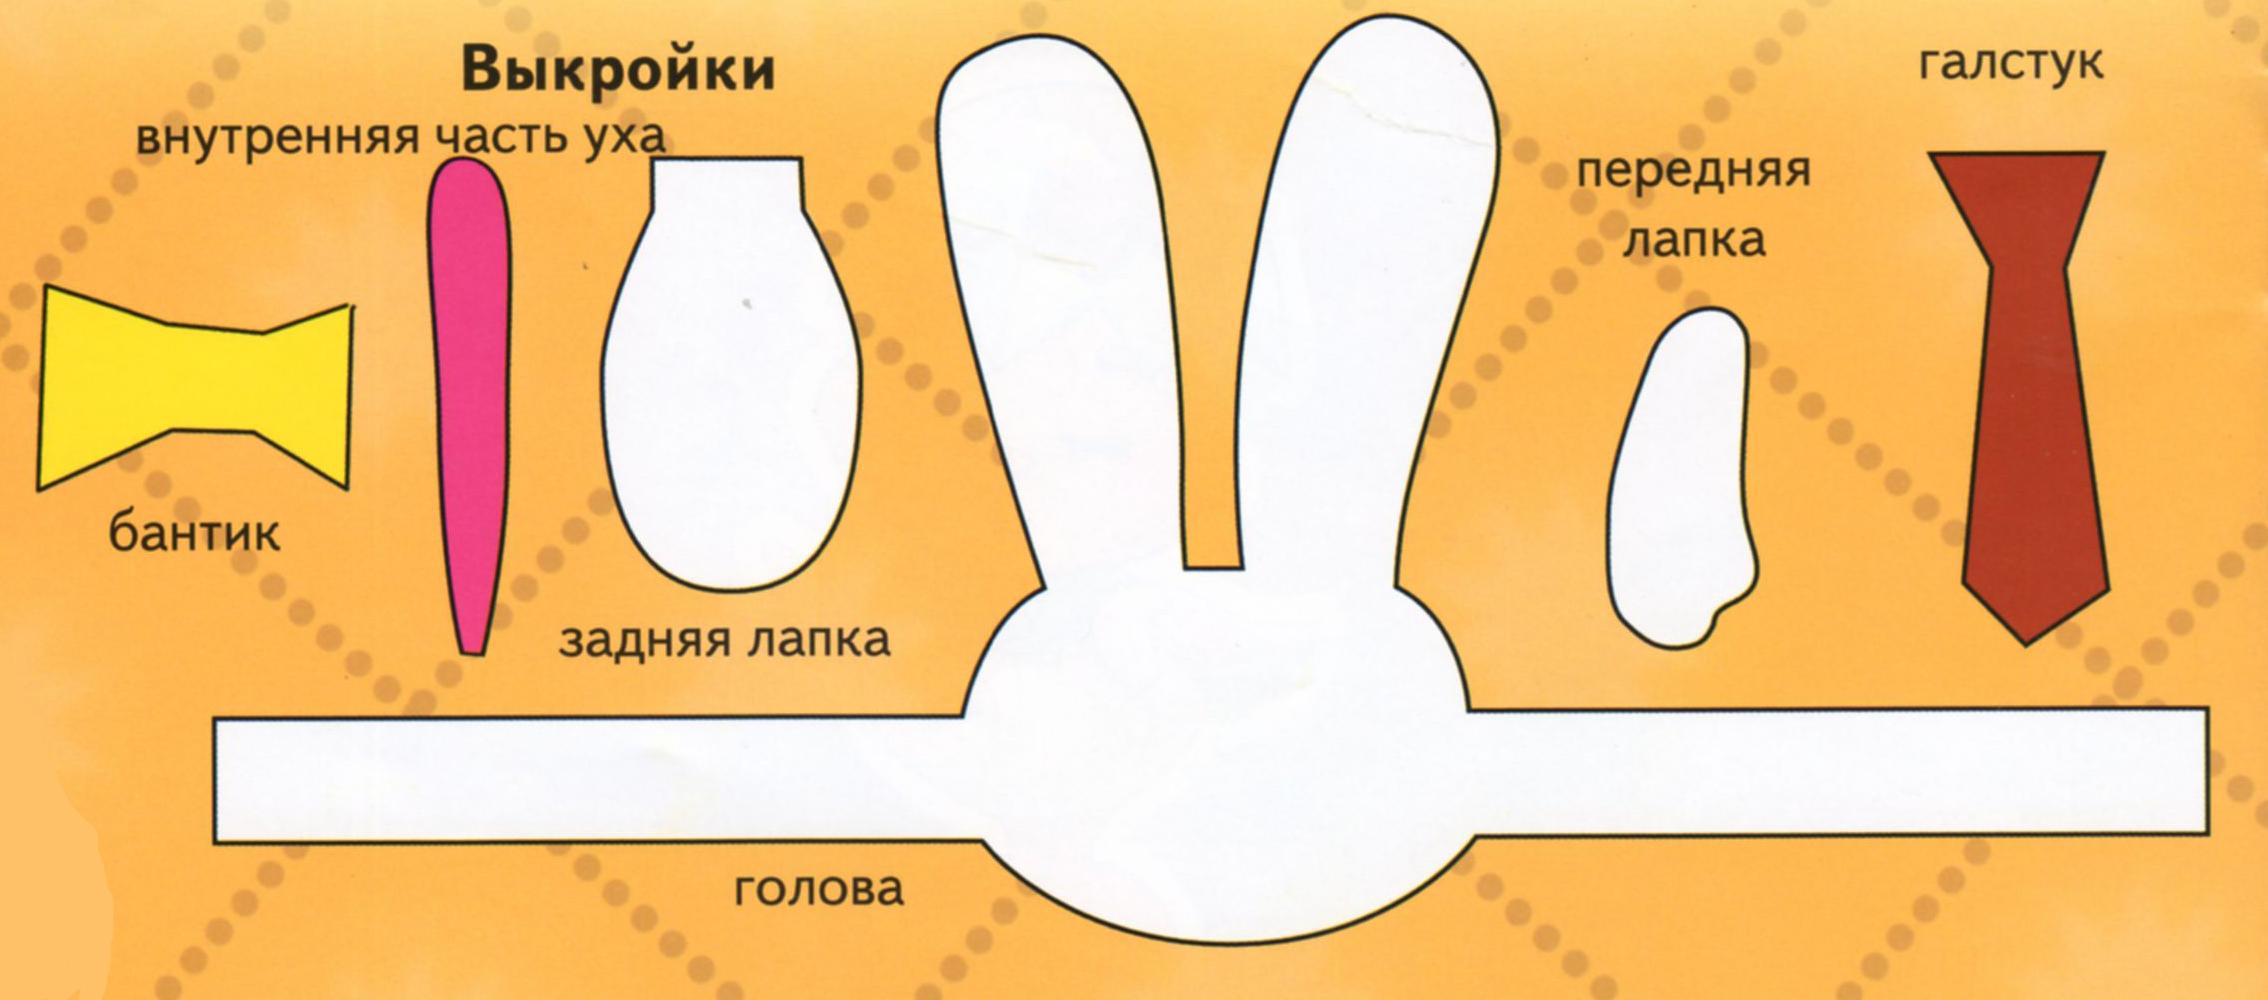 Как сделать своими руками зайчика из бумаги своими руками